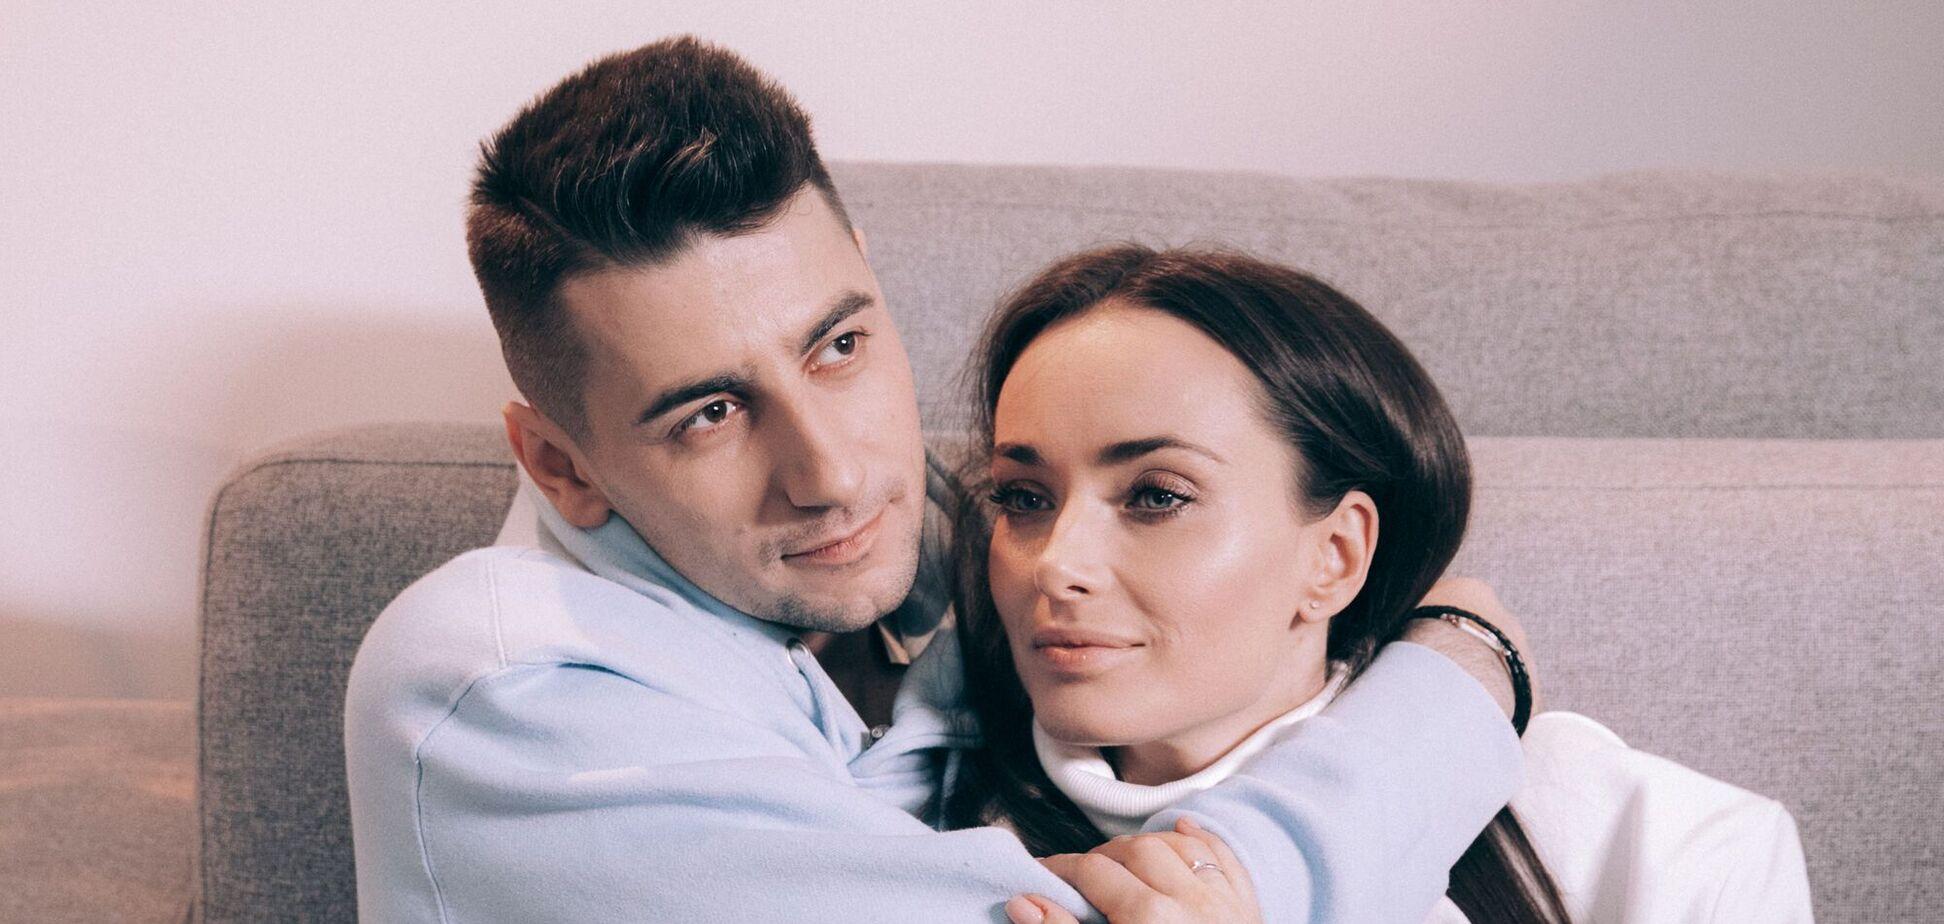 Олександр Еллерт і Ксенія Мішина